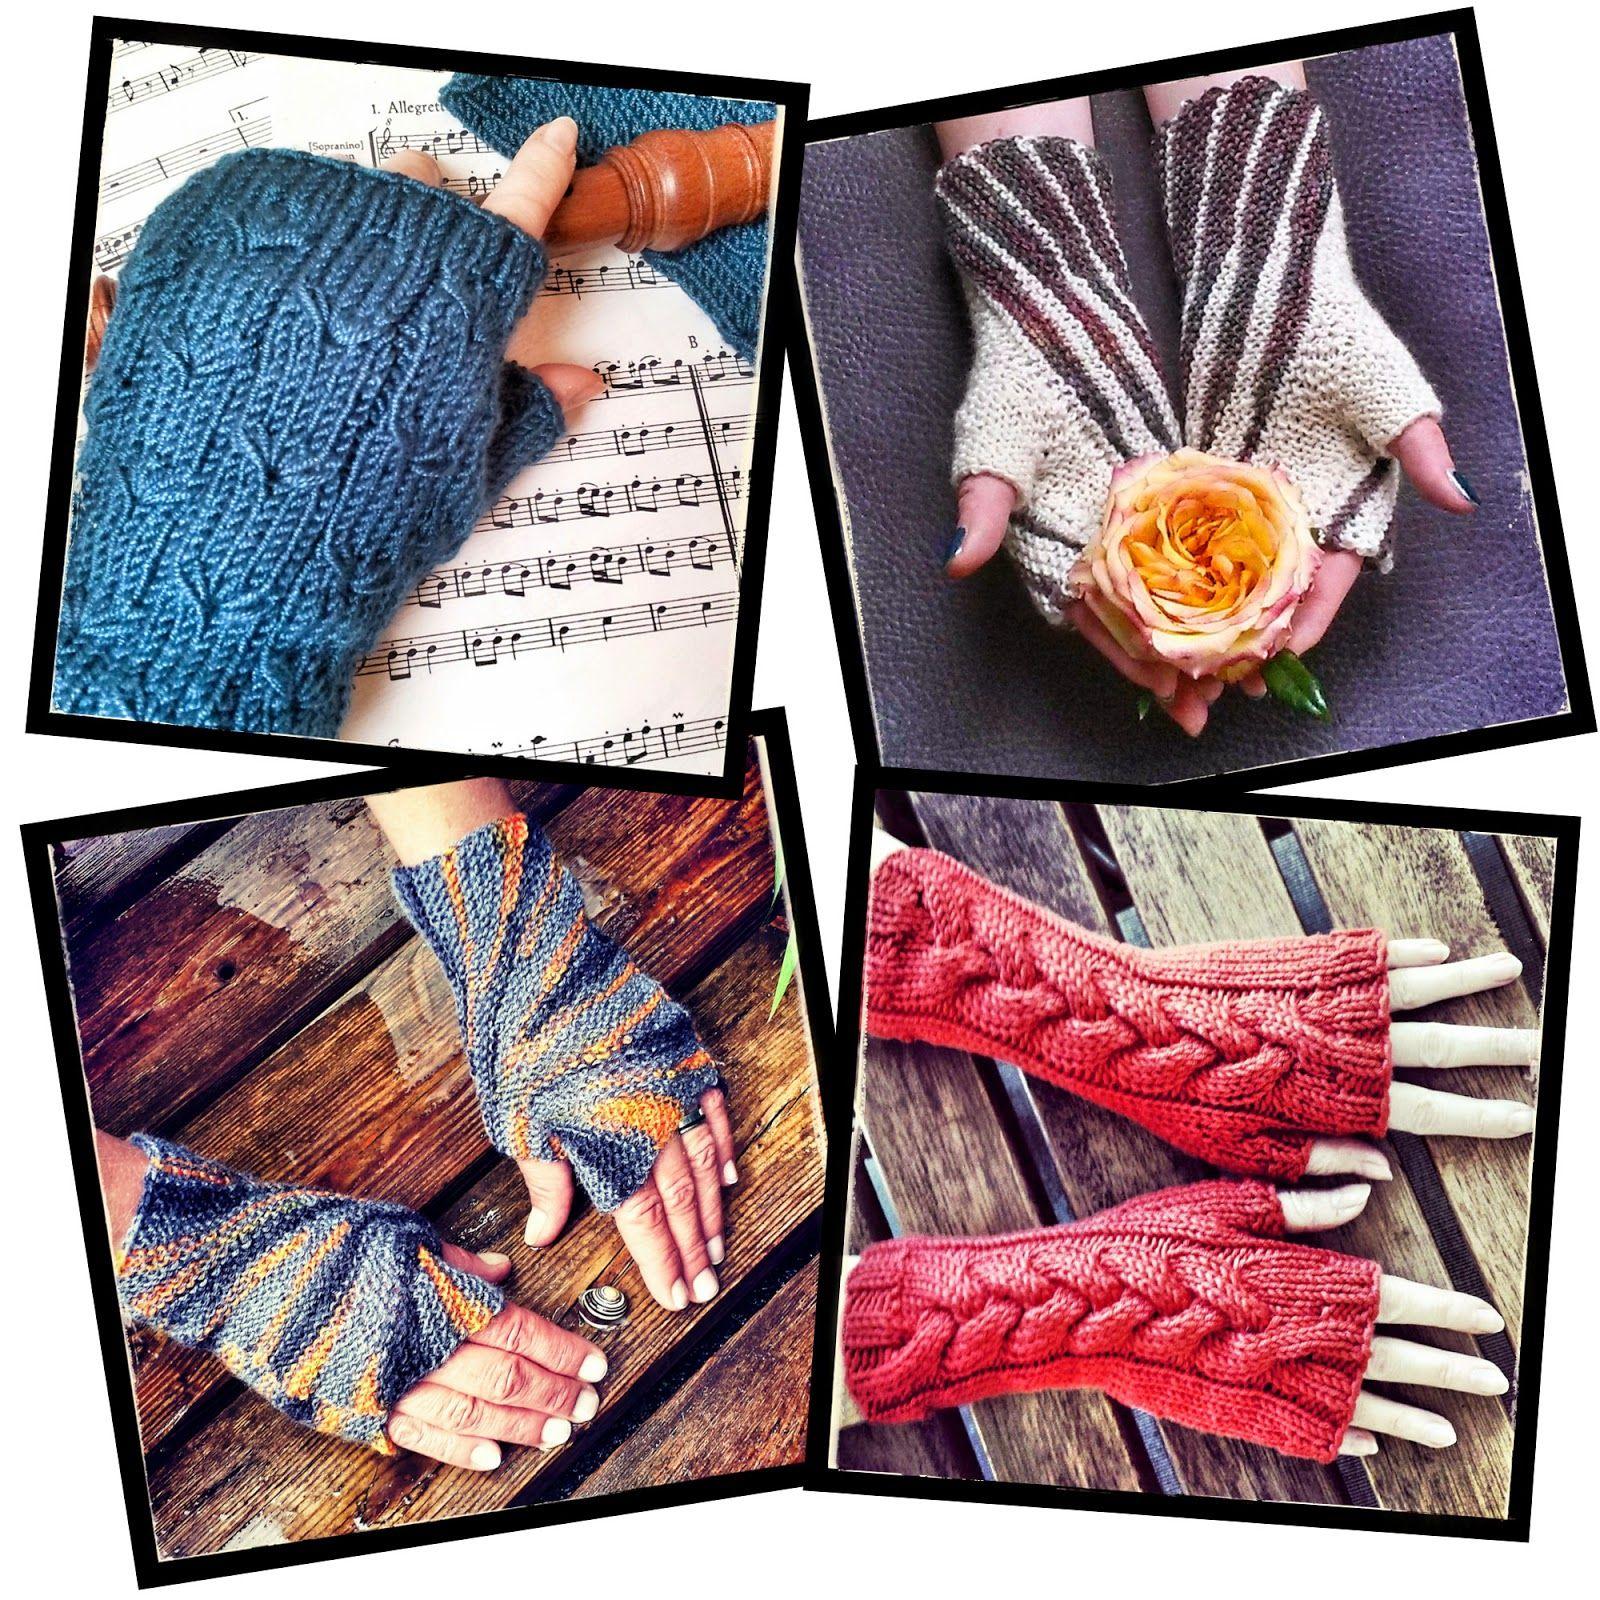 Free Knitting Patterns for Fingerless Gloves   knitting and crochet ...